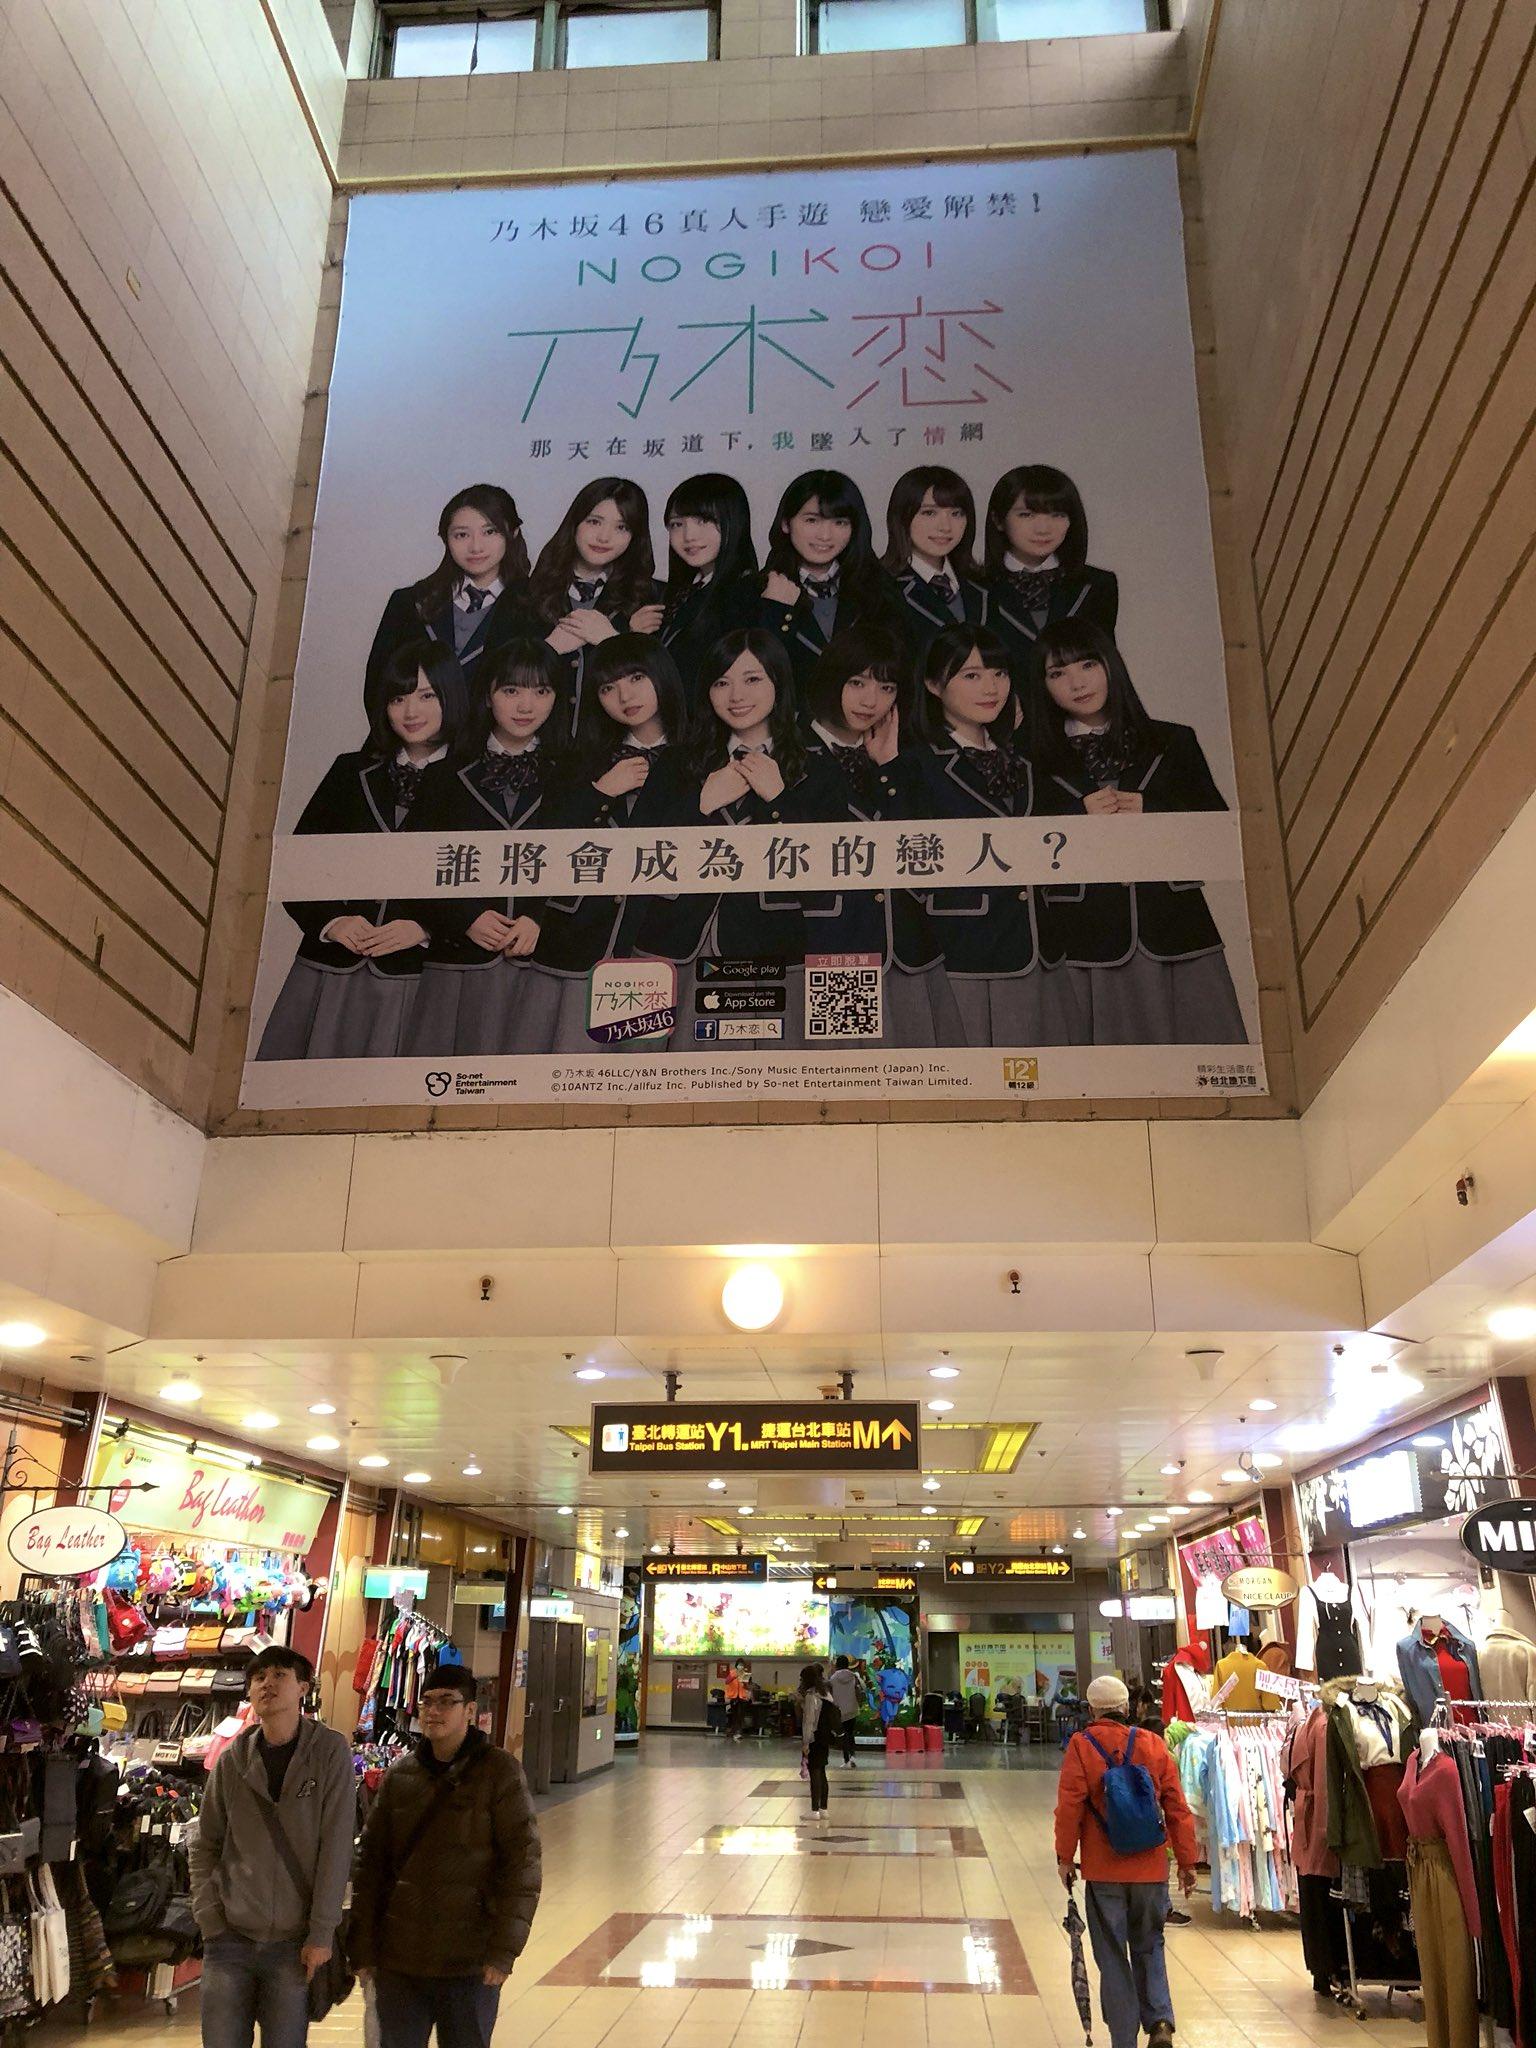 台北地下街「乃木恋」広告2